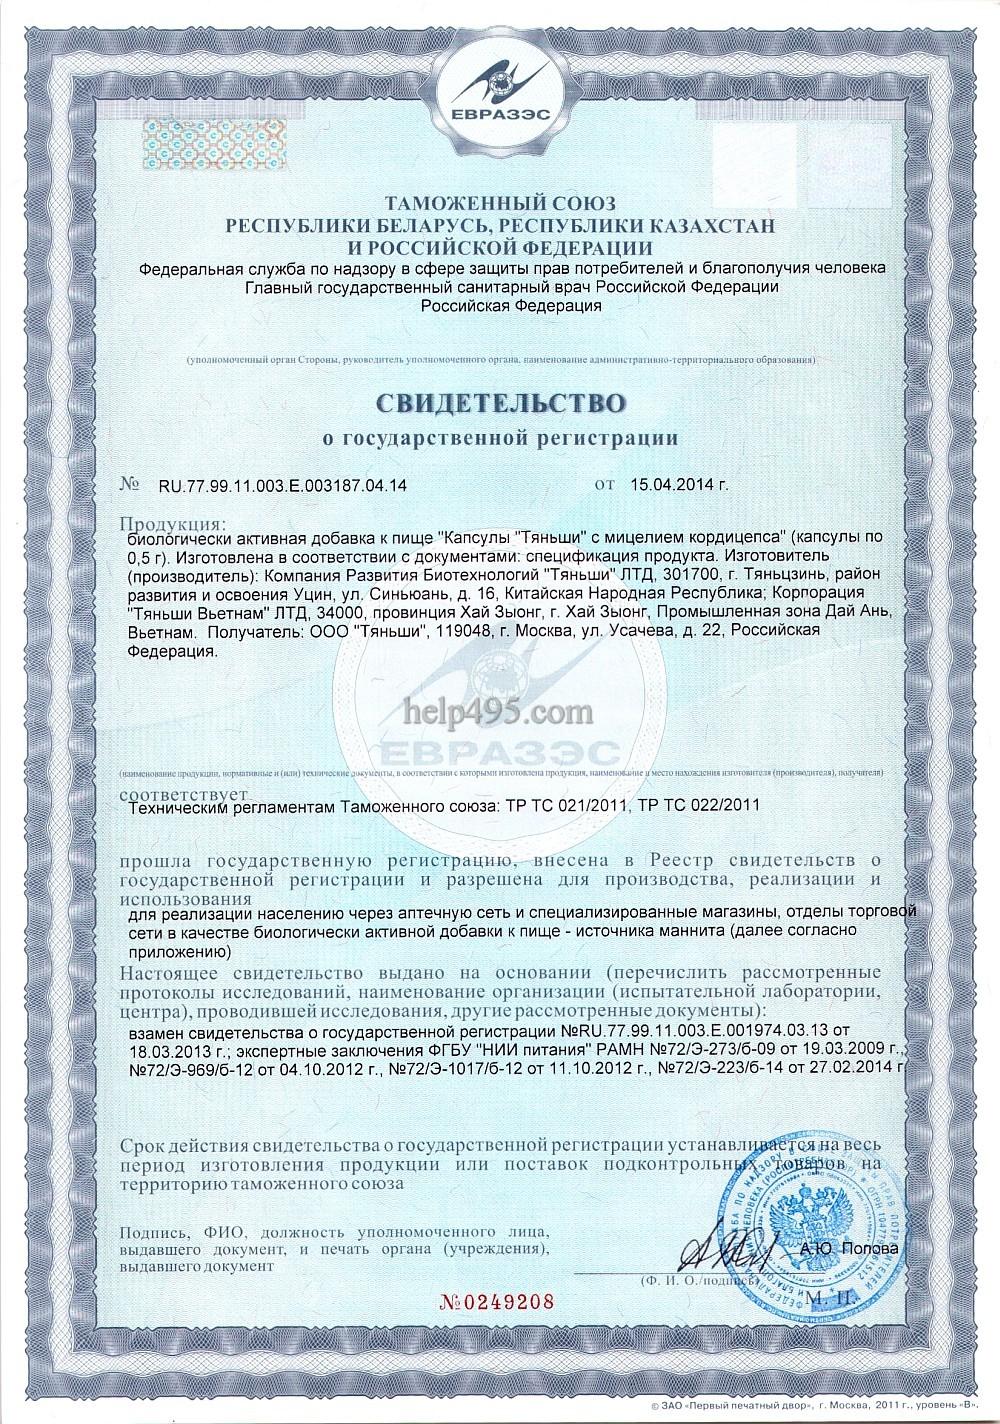 1-ая стр. сертификата препарата: Капсулы с мицелием кордицепса Тяньши